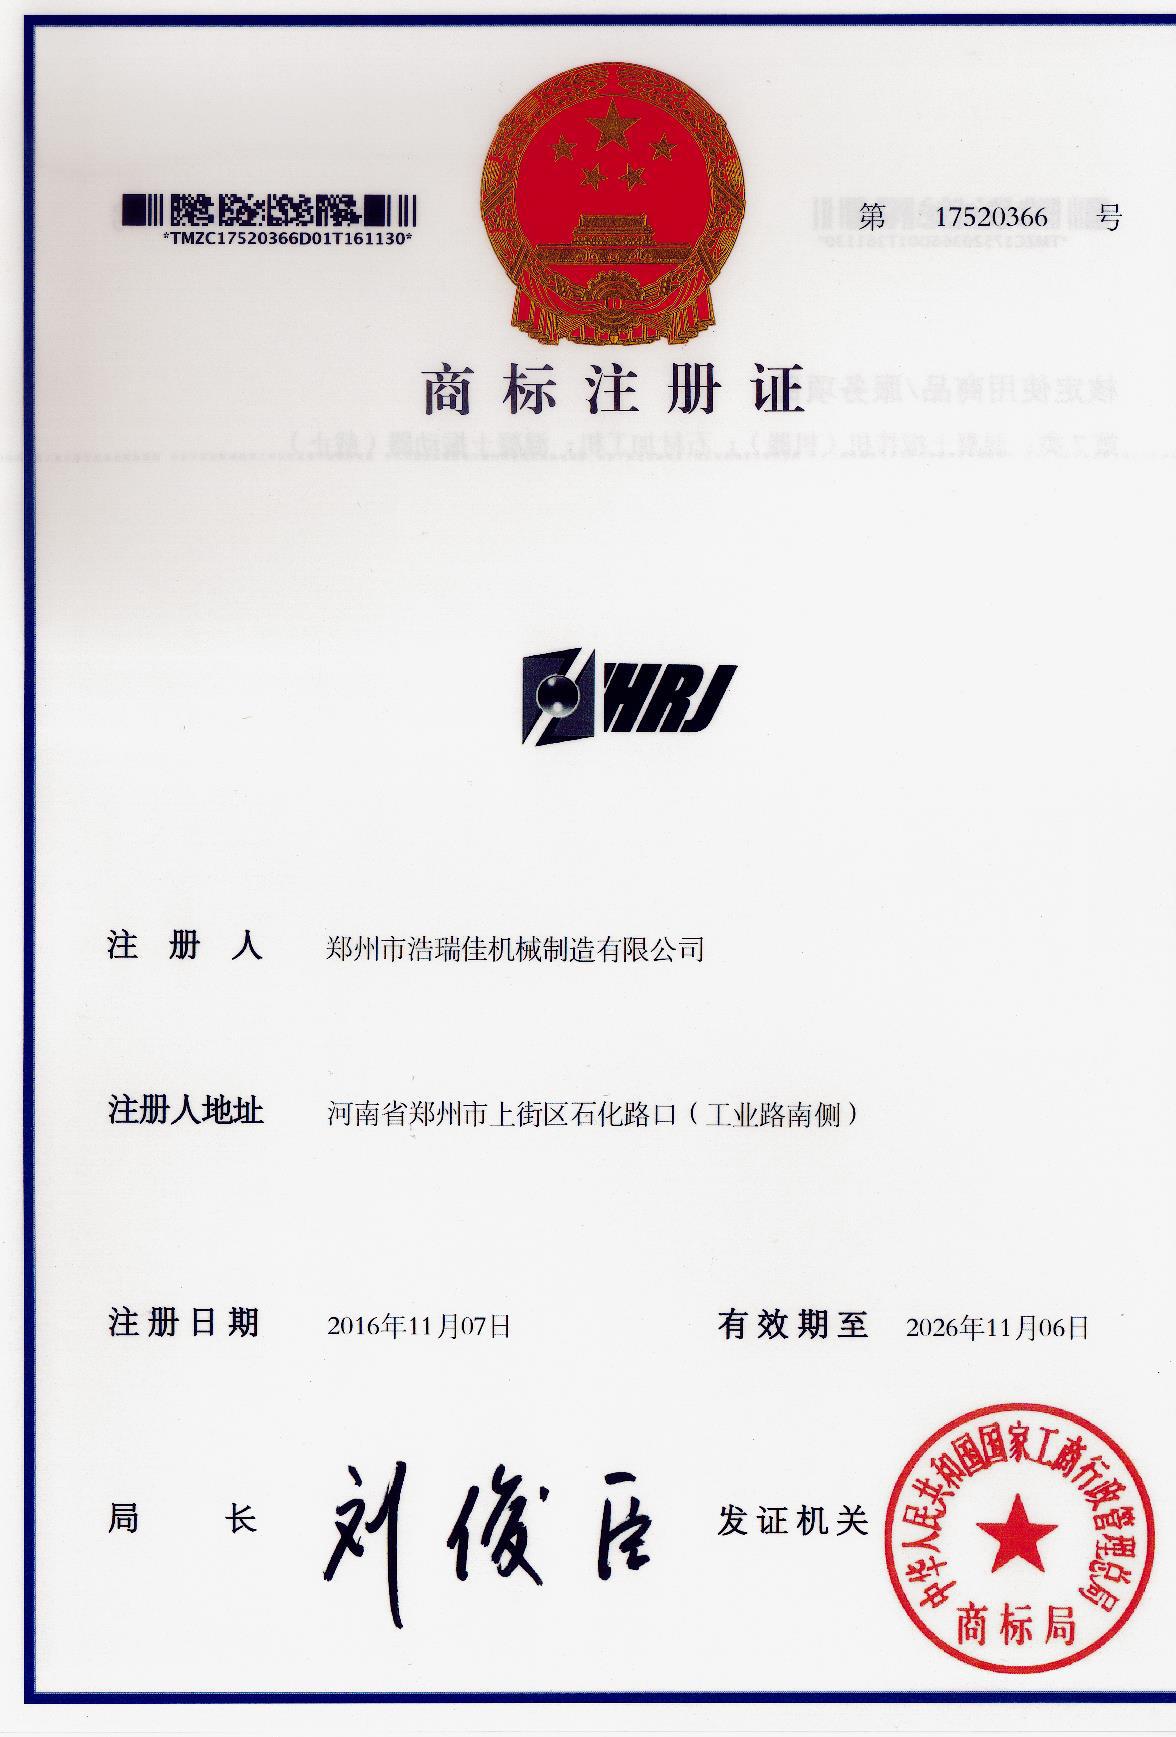 商标注册证扫描件